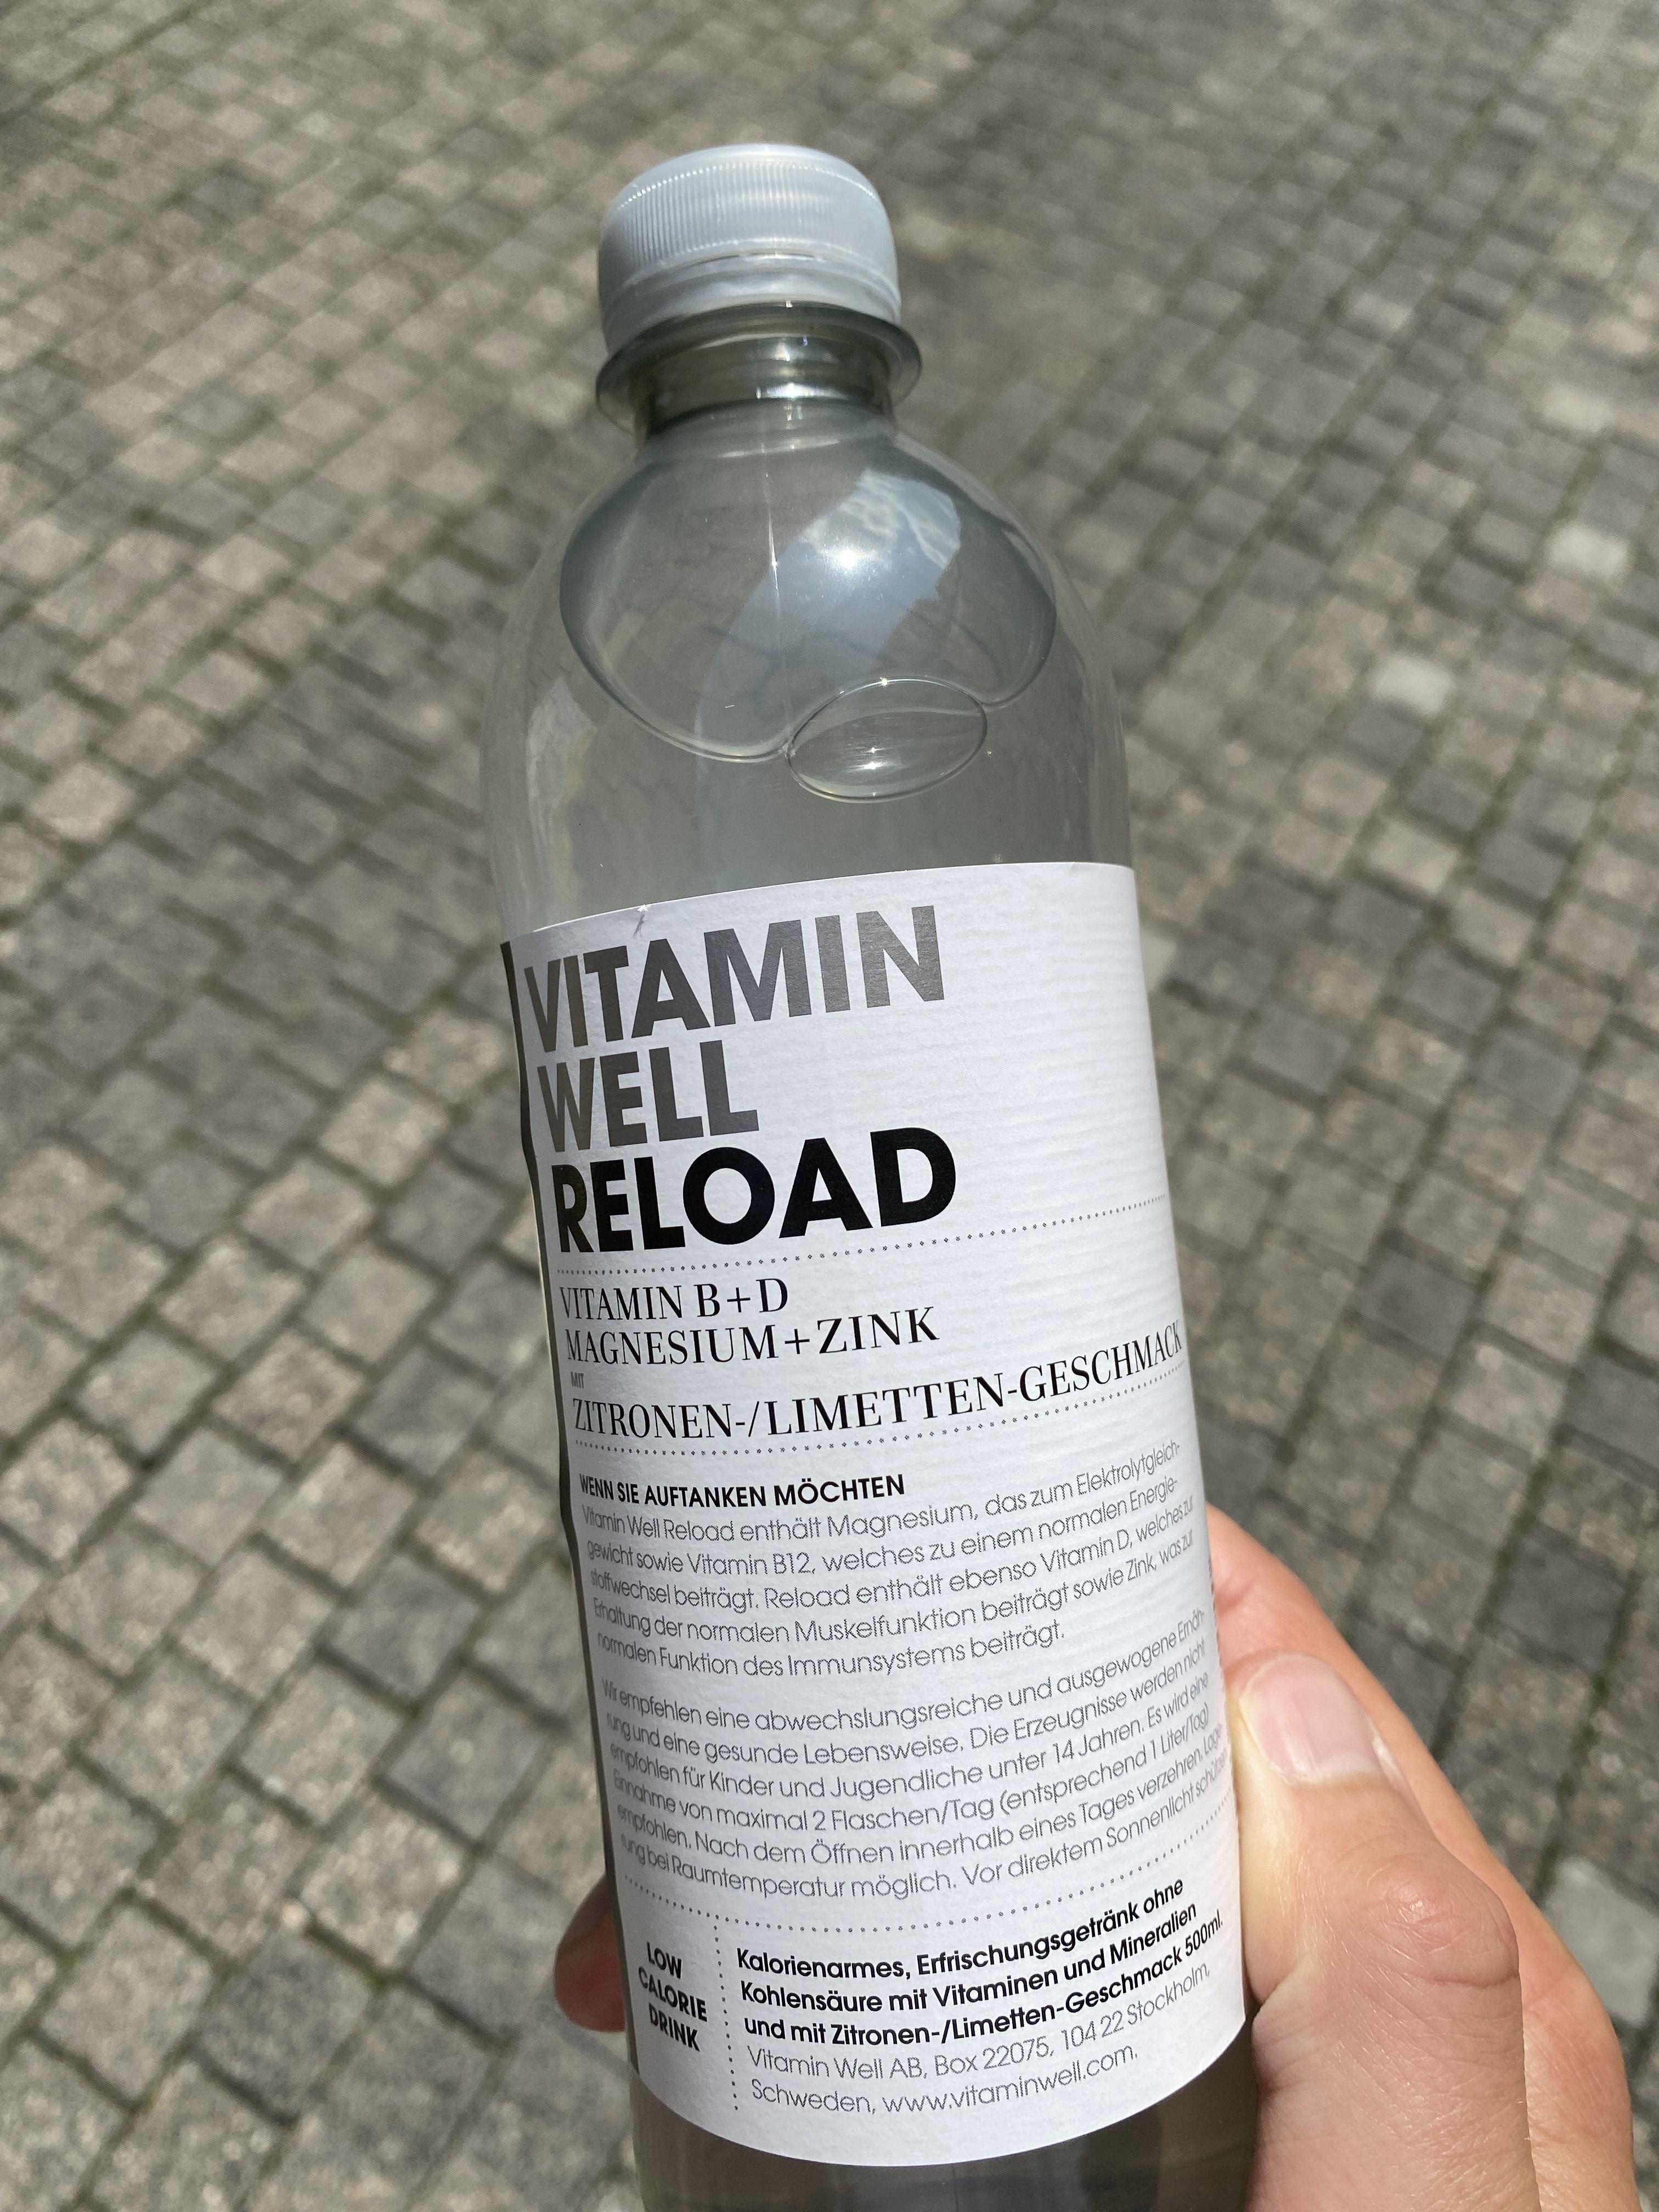 [lokal] Stuttgart Gratis Vitamin Well Reload Flasche